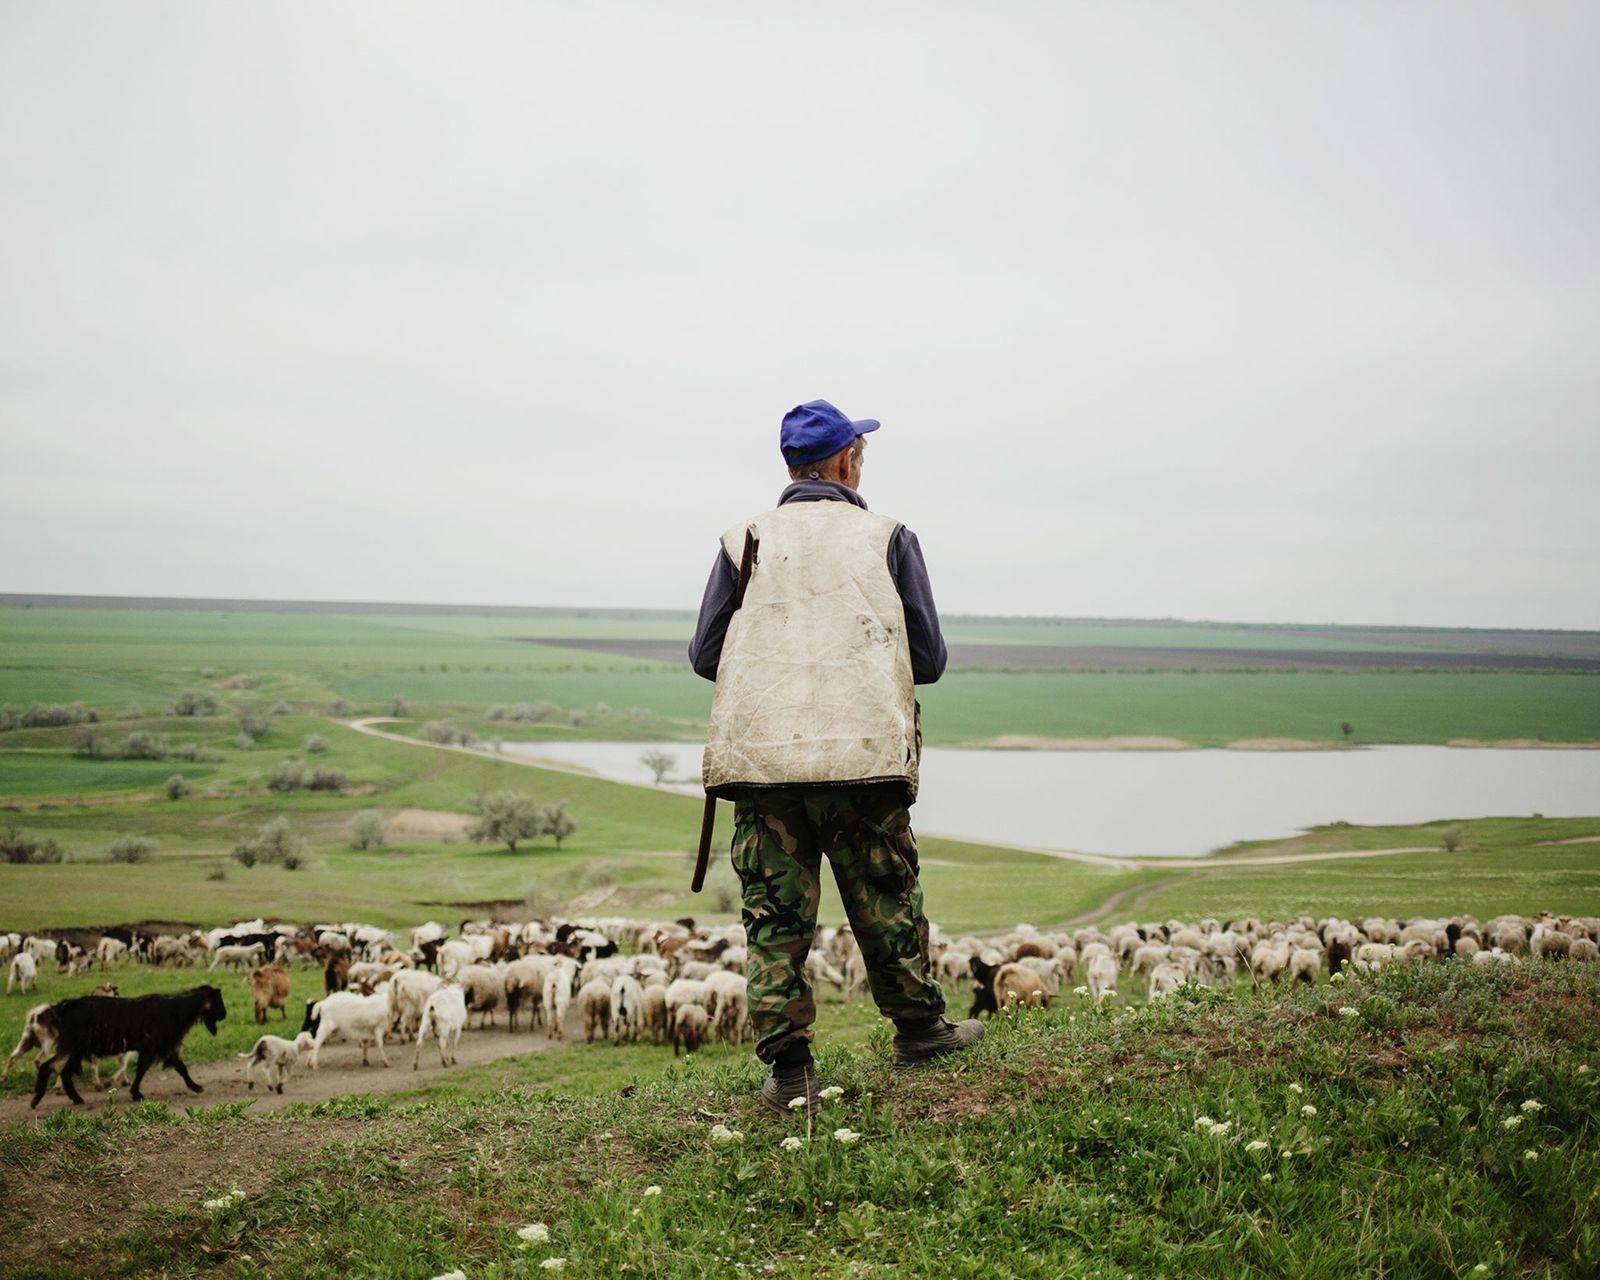 Près d'un lac, un berger veille sur ses moutons.